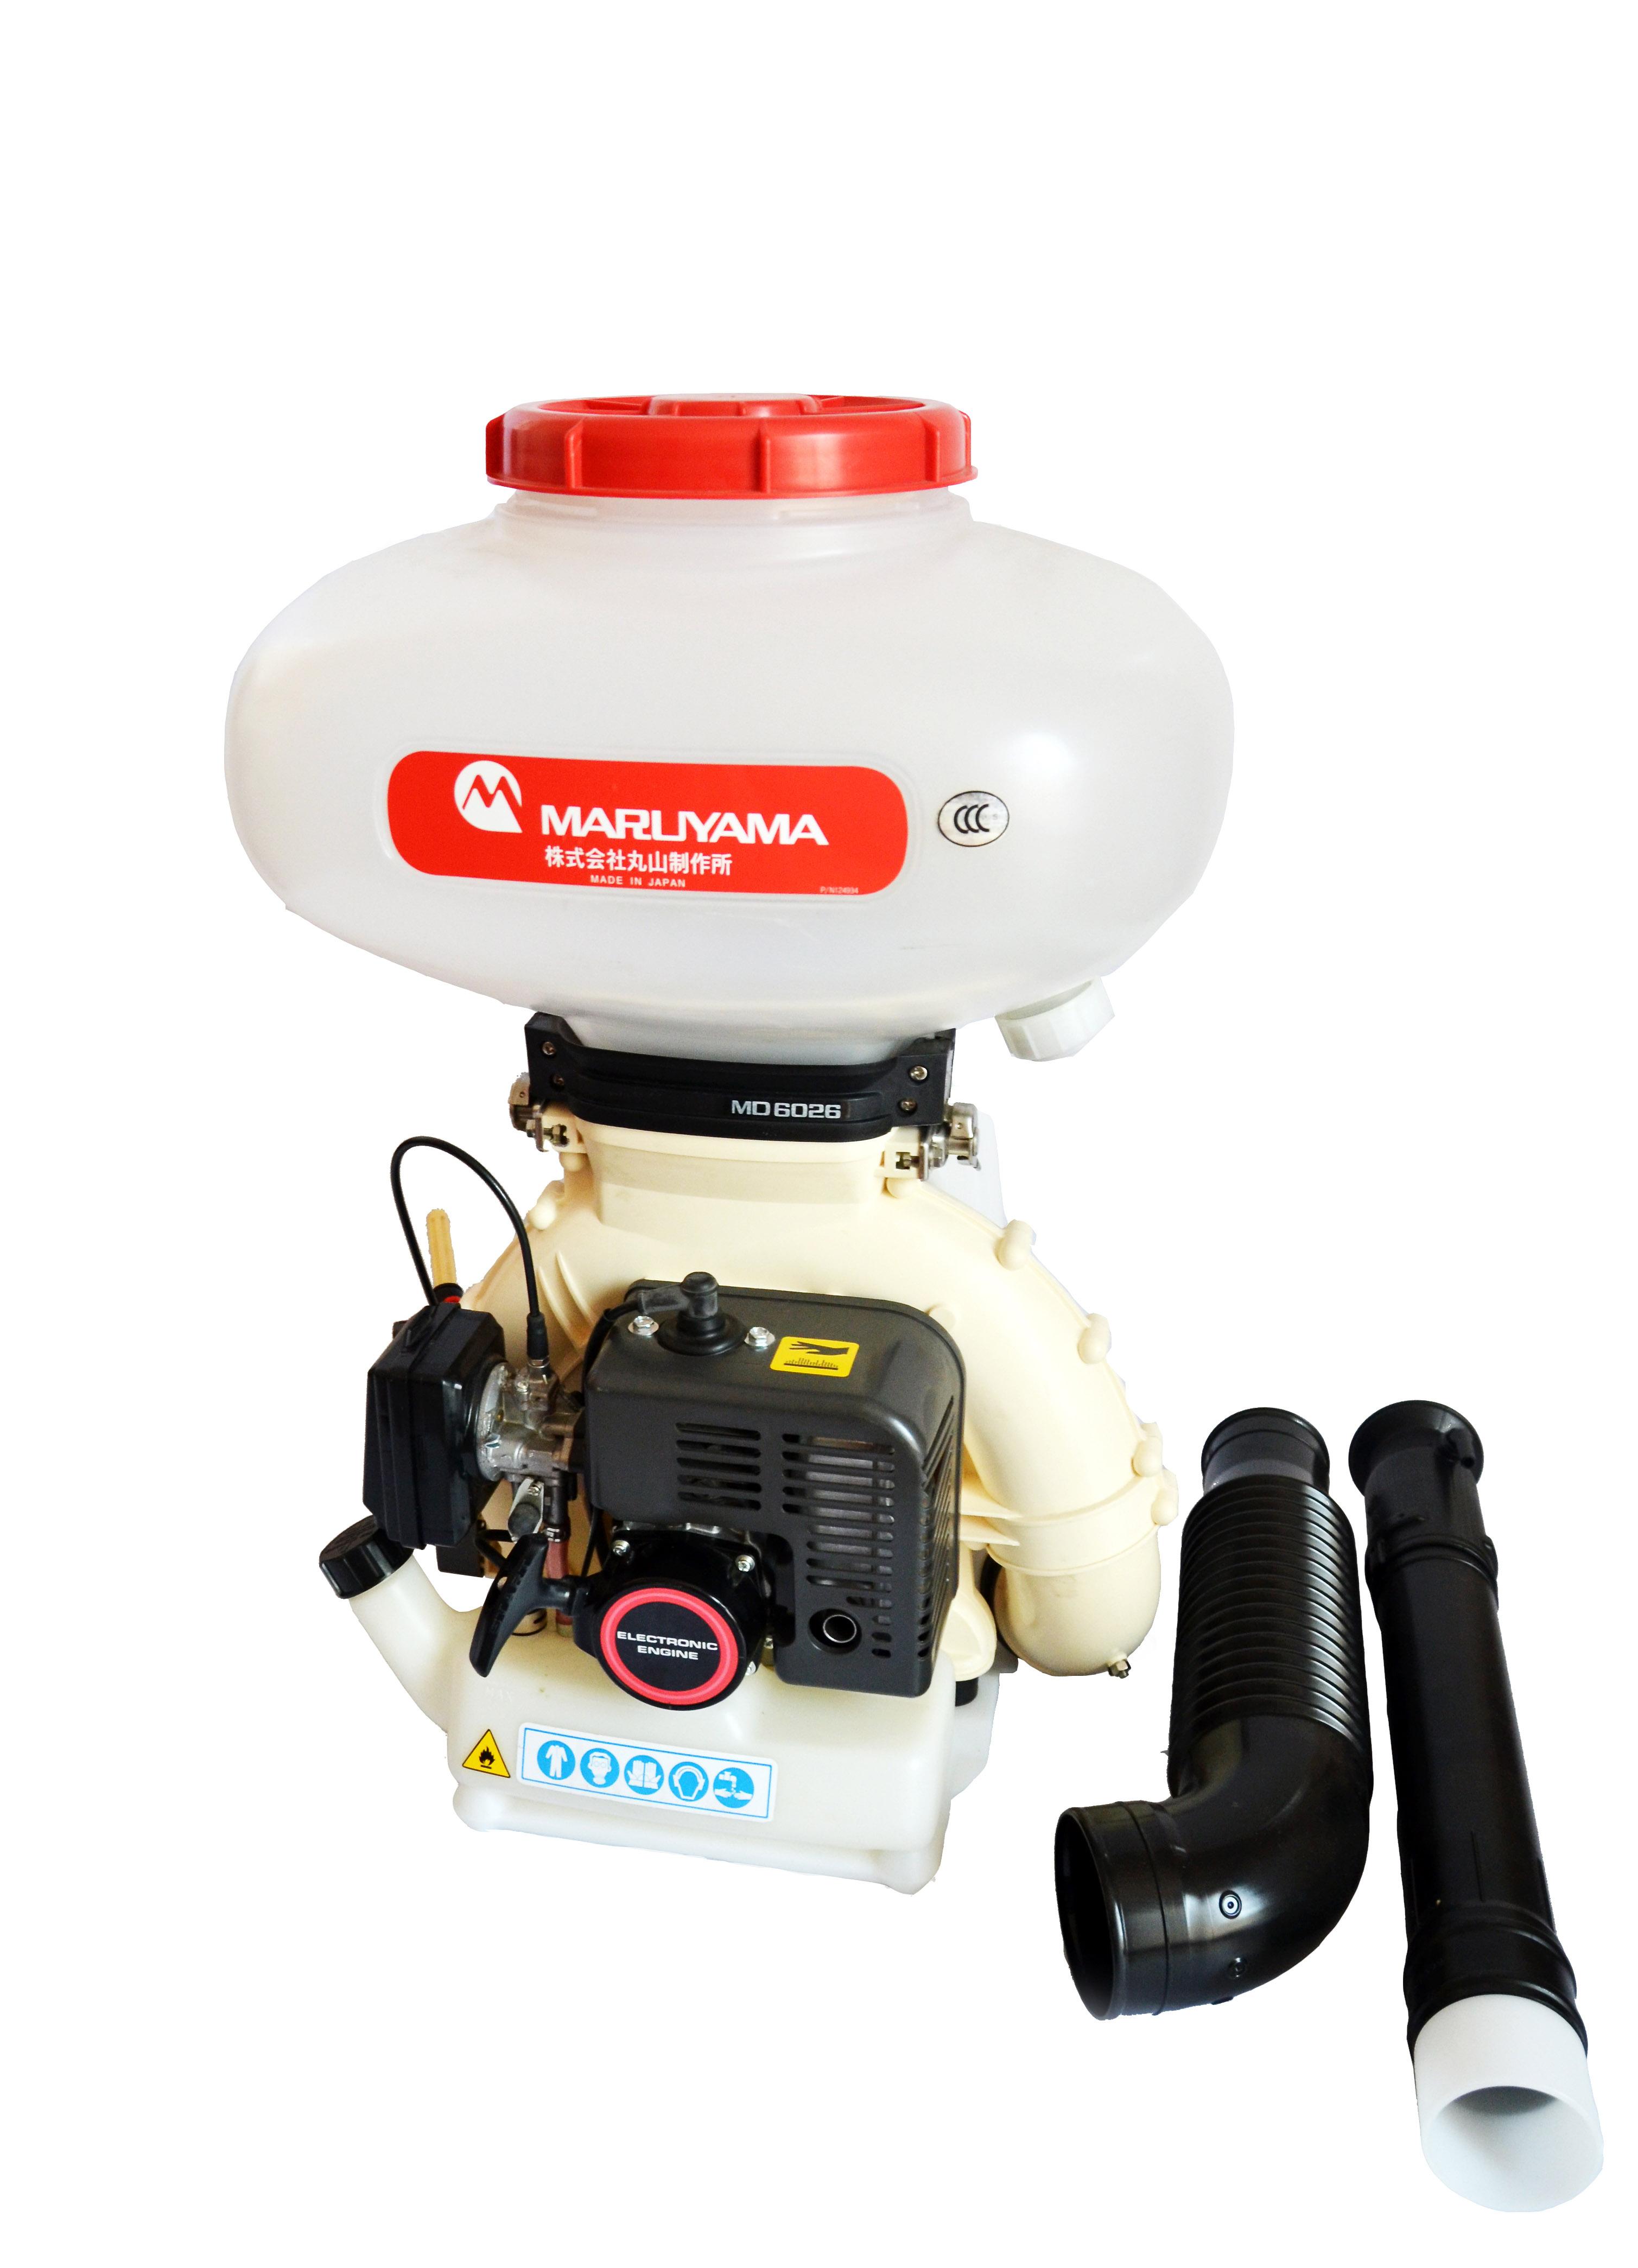 背负式机动喷雾喷粉机 MD8026